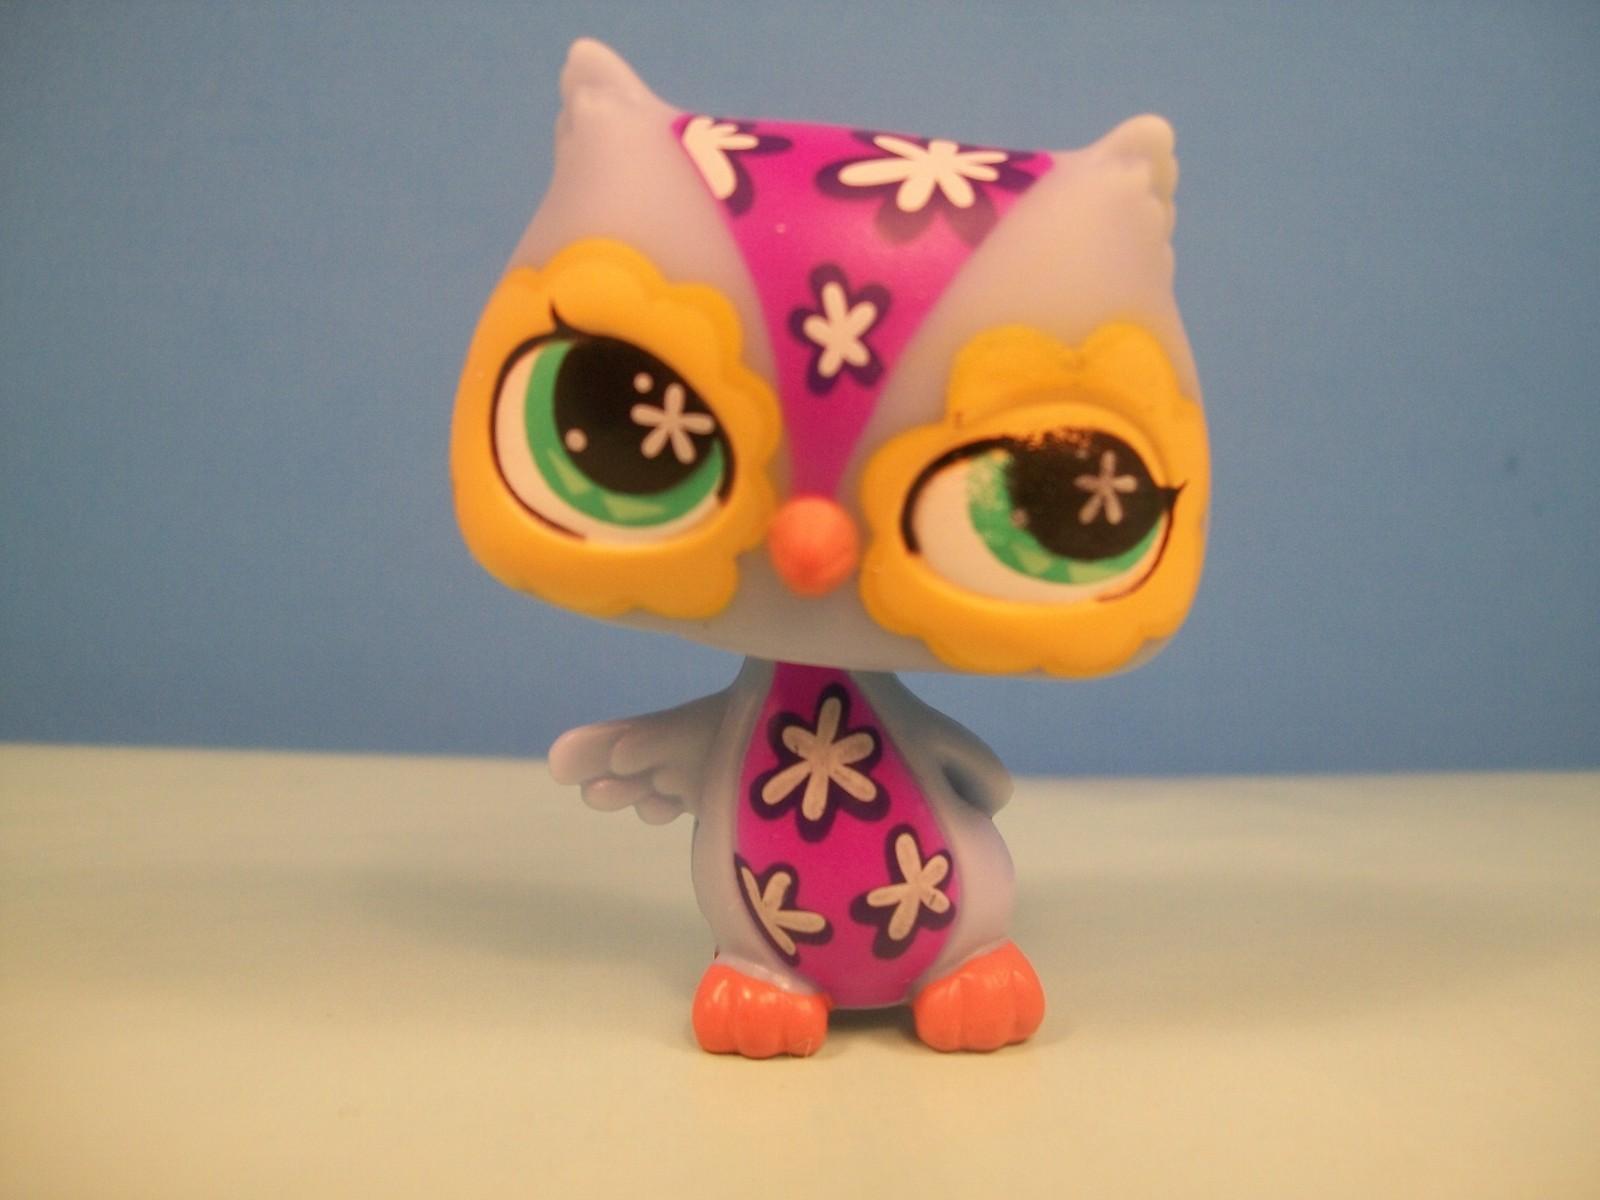 Littlest Pet Shop Toys - Littlest Pet Shop Photo (32046196 ...